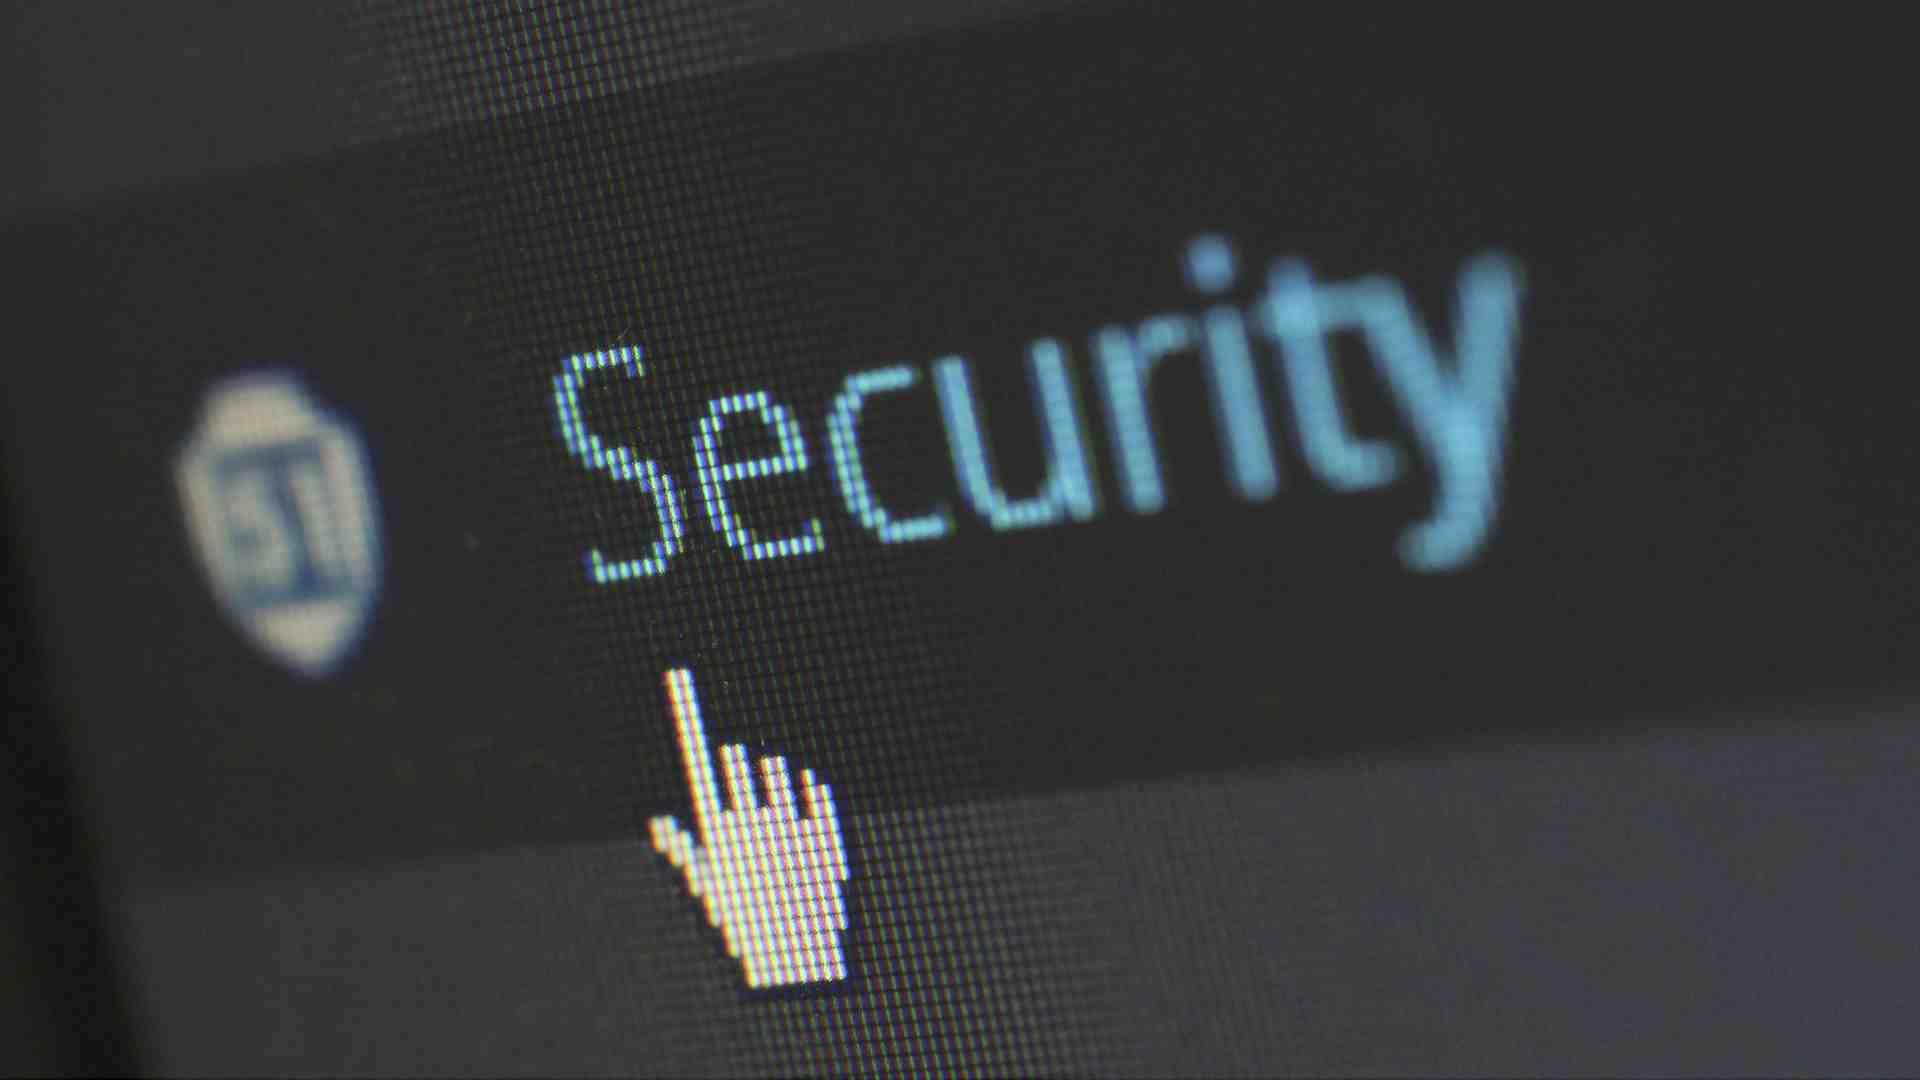 PuTTY là gì? SSH client miễn phí phổ biến nhất thế giới - Ảnh 2.